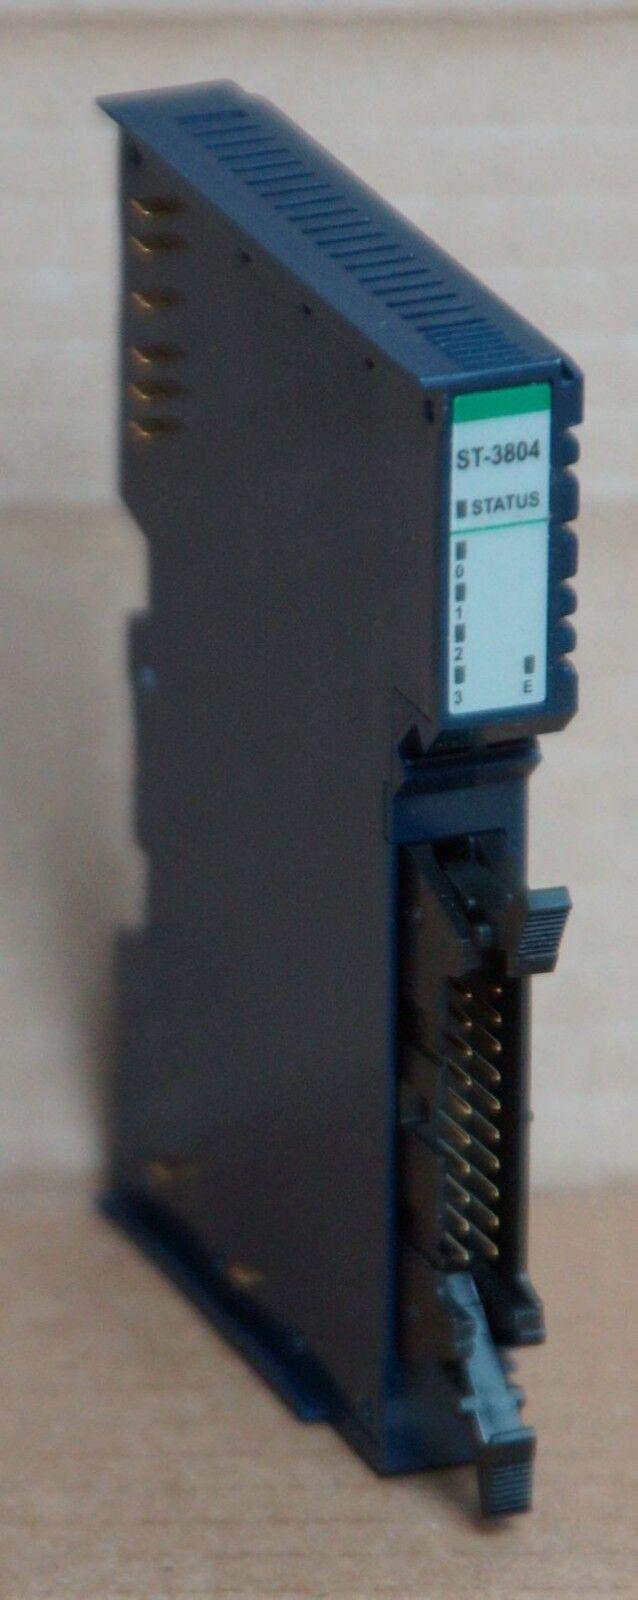 GE Crevis ST-3804 ST-3808 4Ch 8Ch AI TC